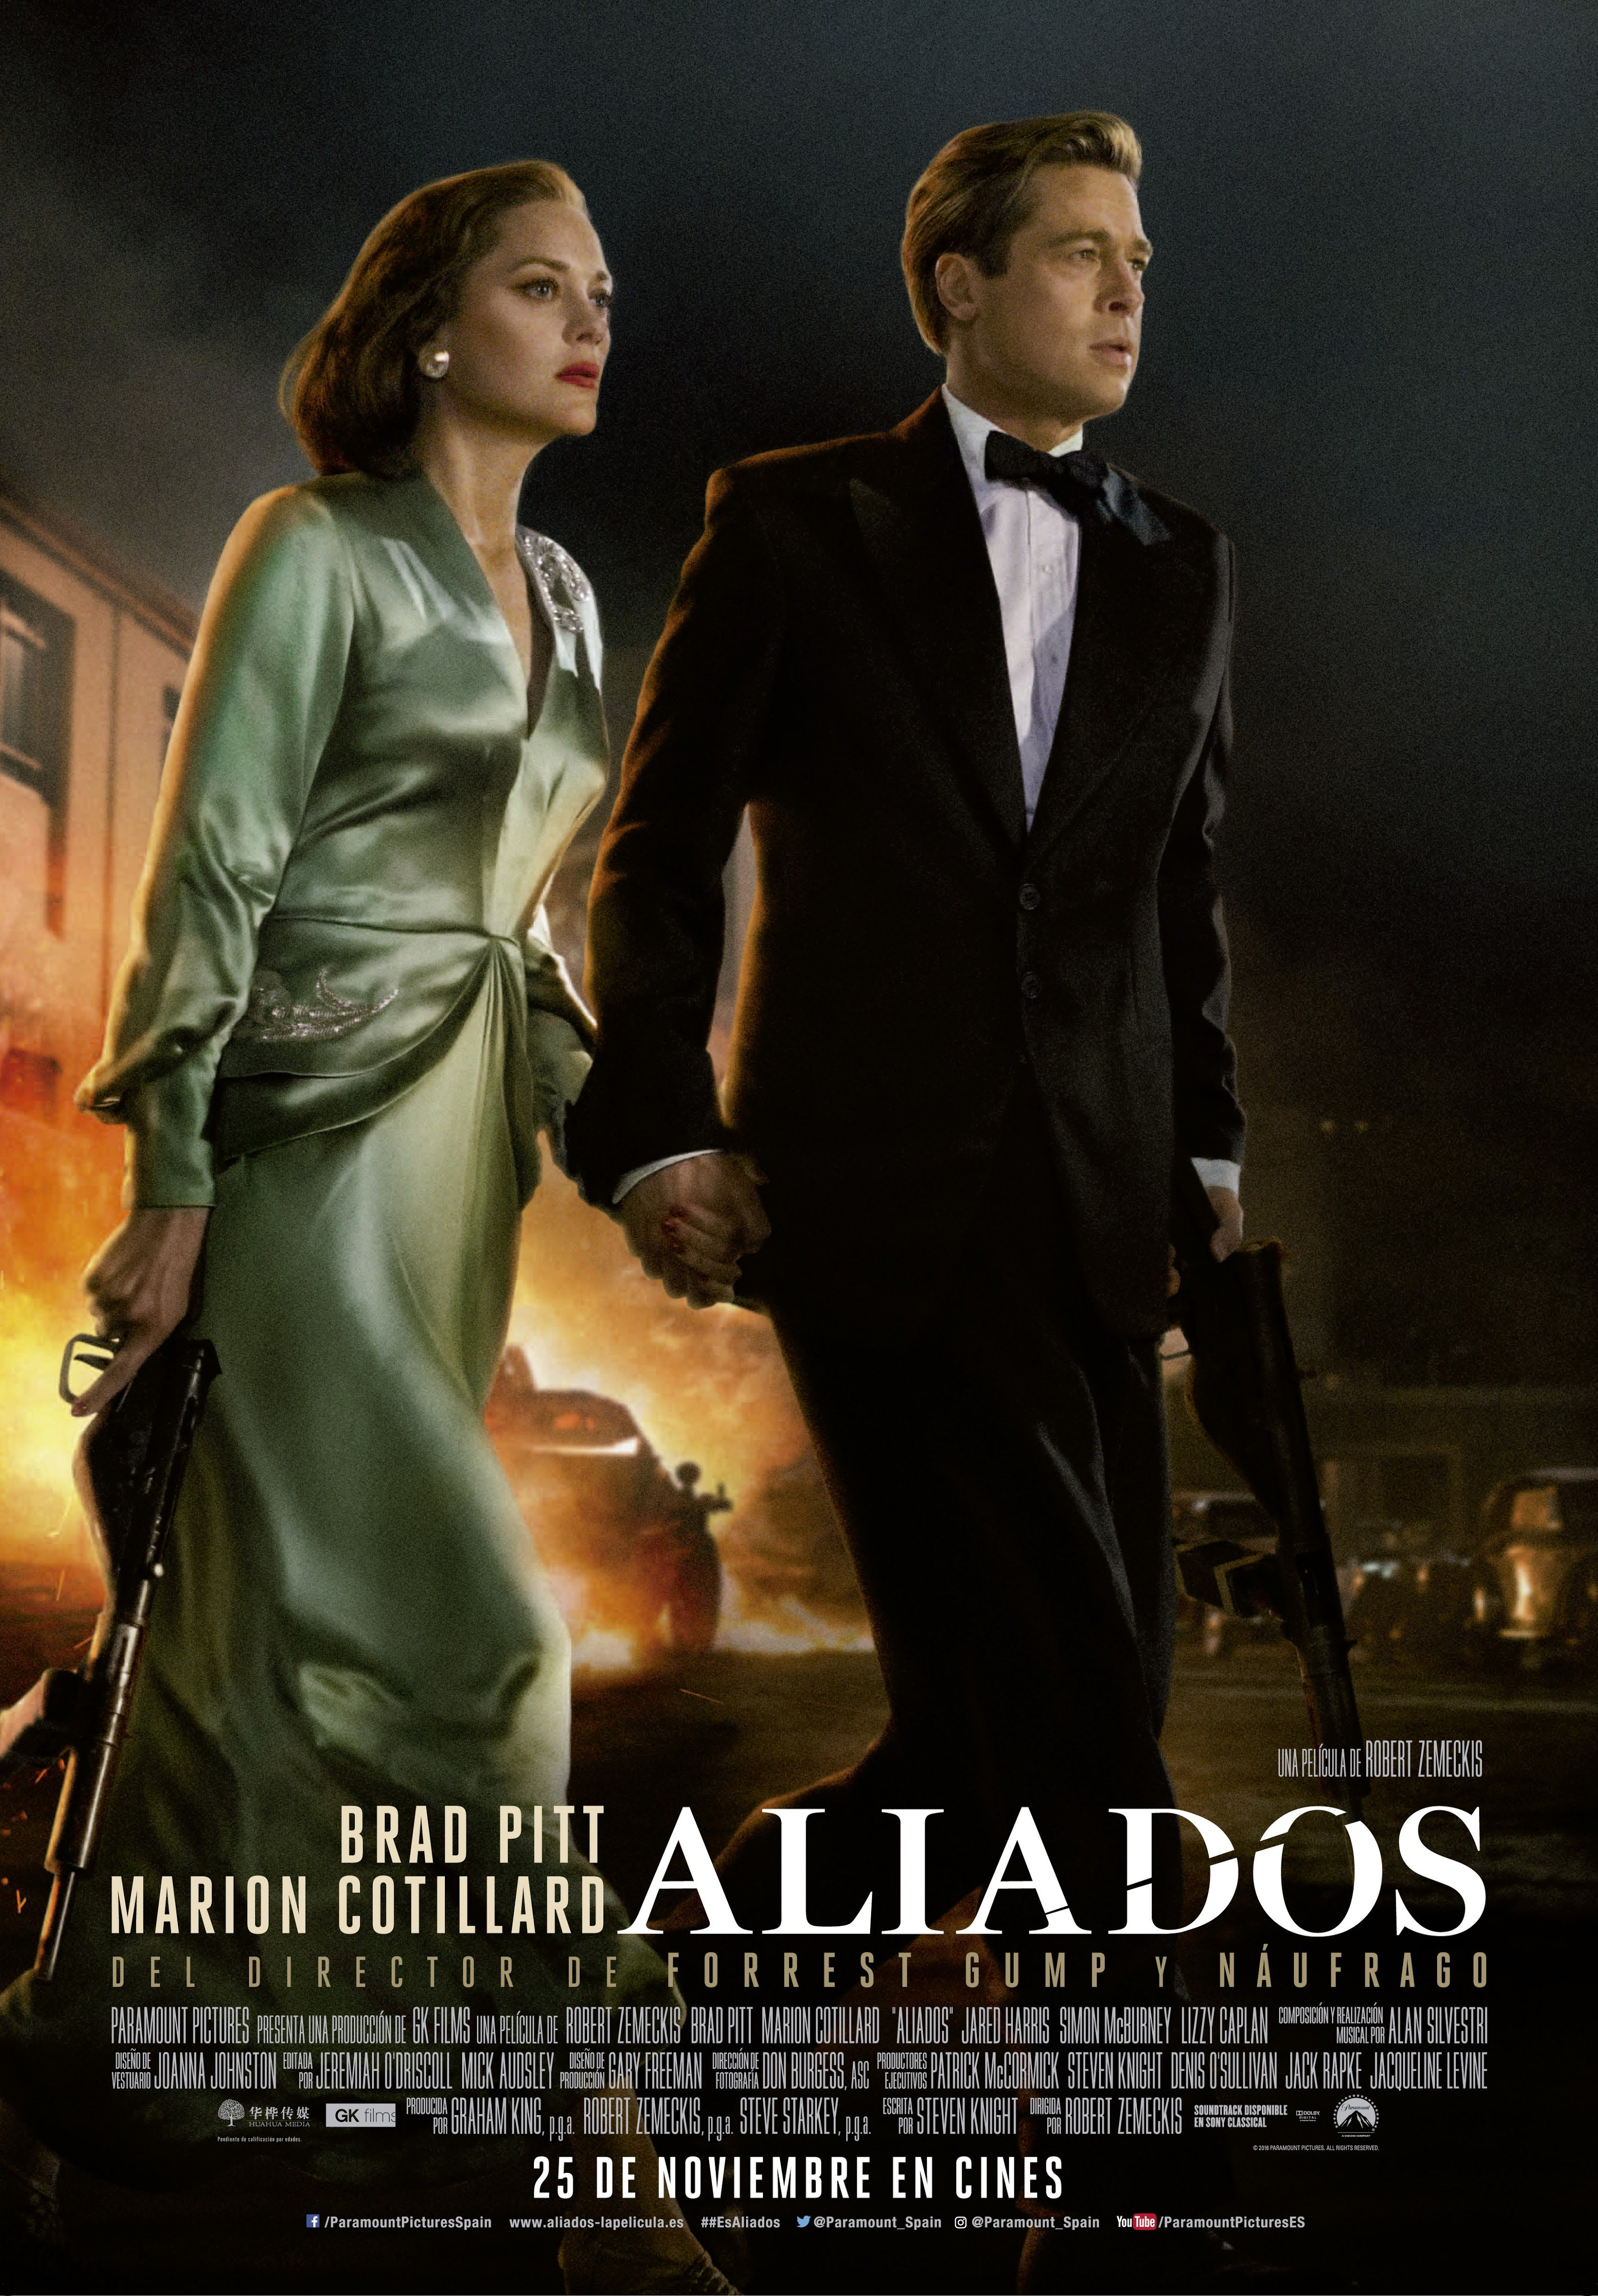 Aliados Peliculas Peliculas Cine Series Y Peliculas